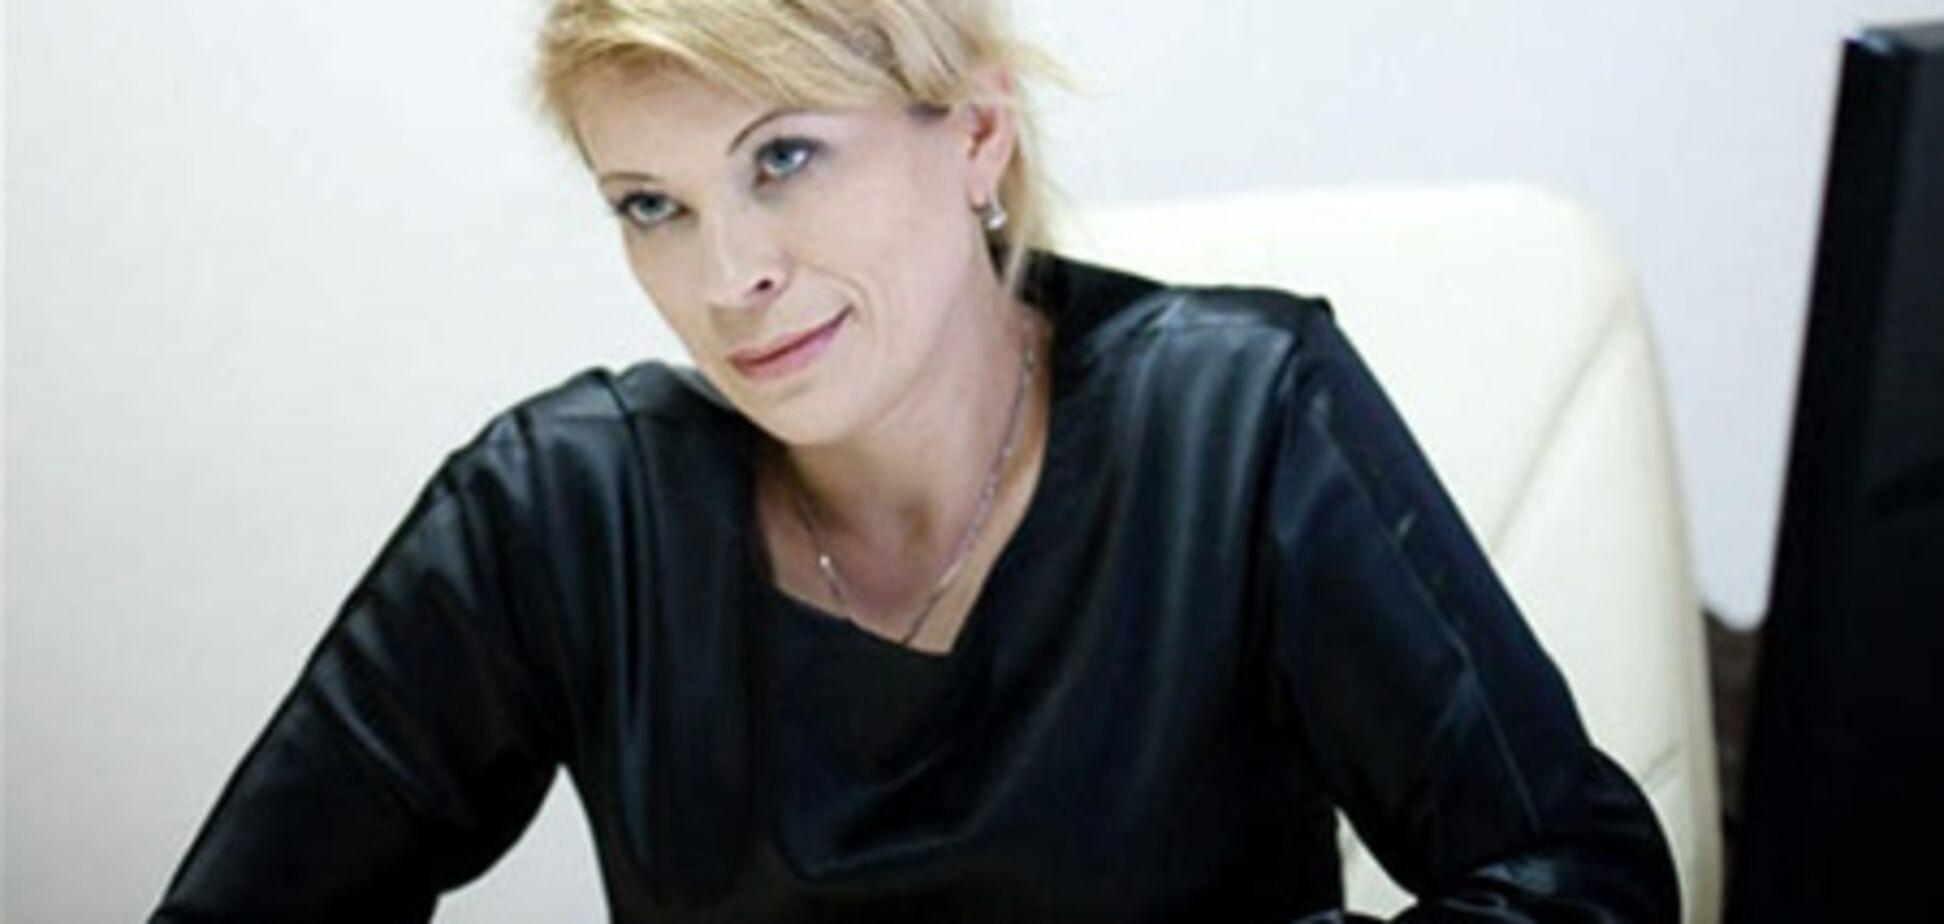 Прес-секретар Тимошенко стверджує, що Юлю ніхто не обстежував